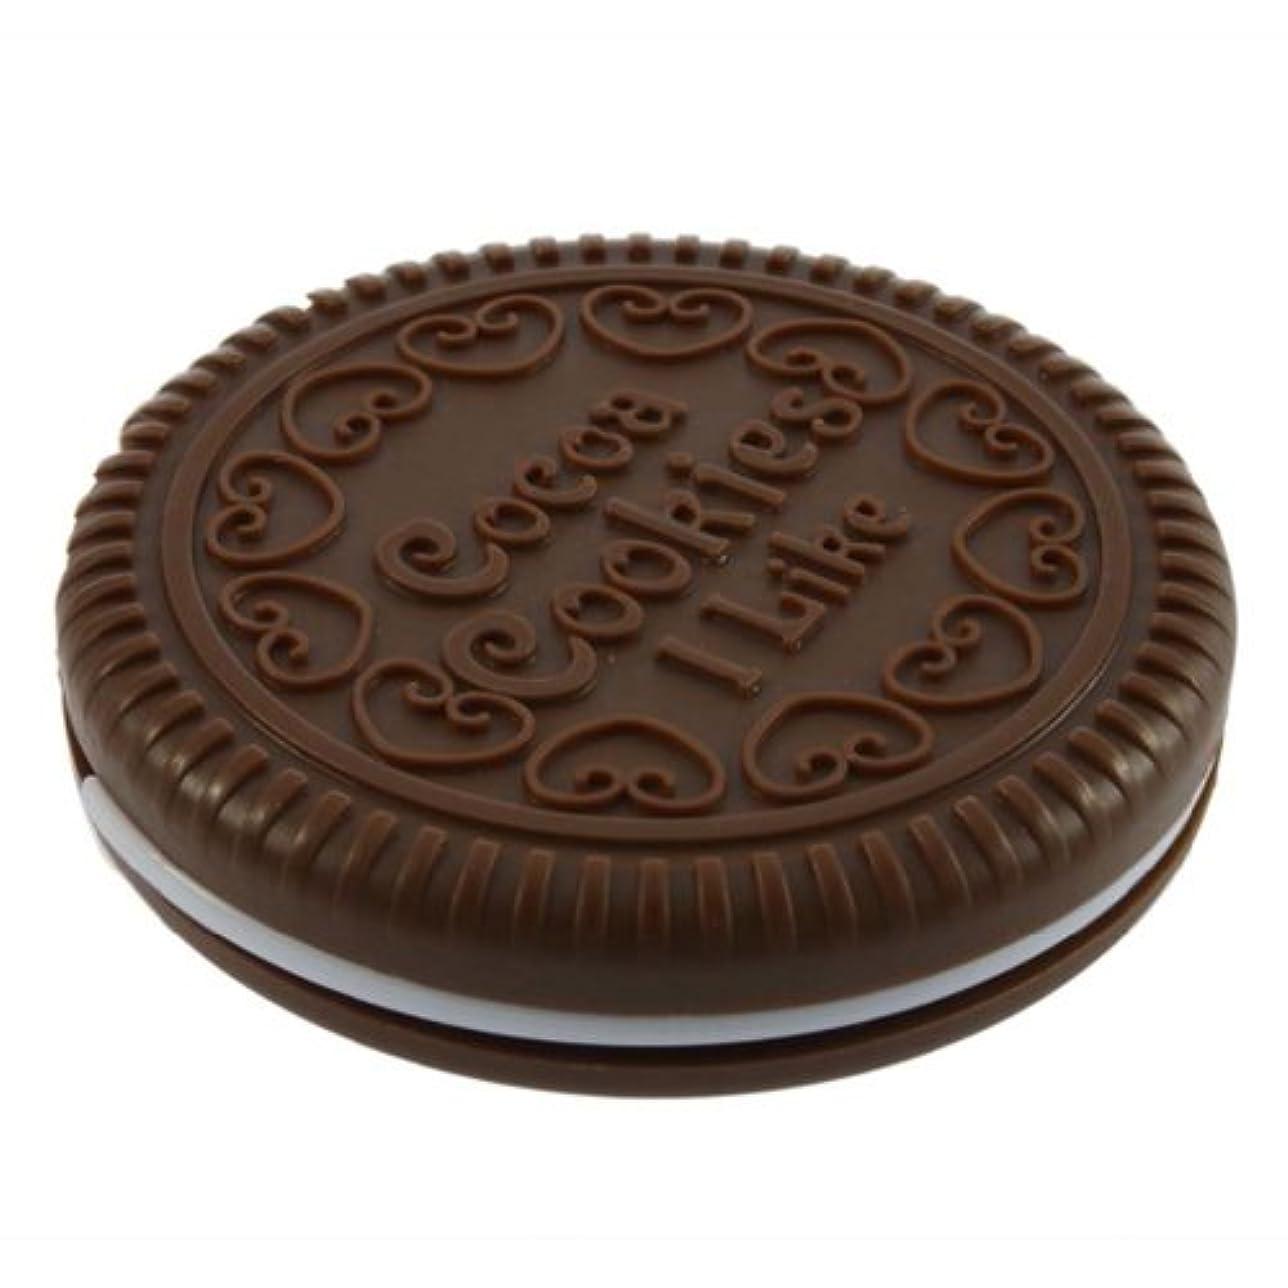 損失感覚ポルティコSODIAL ポータブルな可愛いなチョコレートクッキーの形のミラー+くし レディー ガール